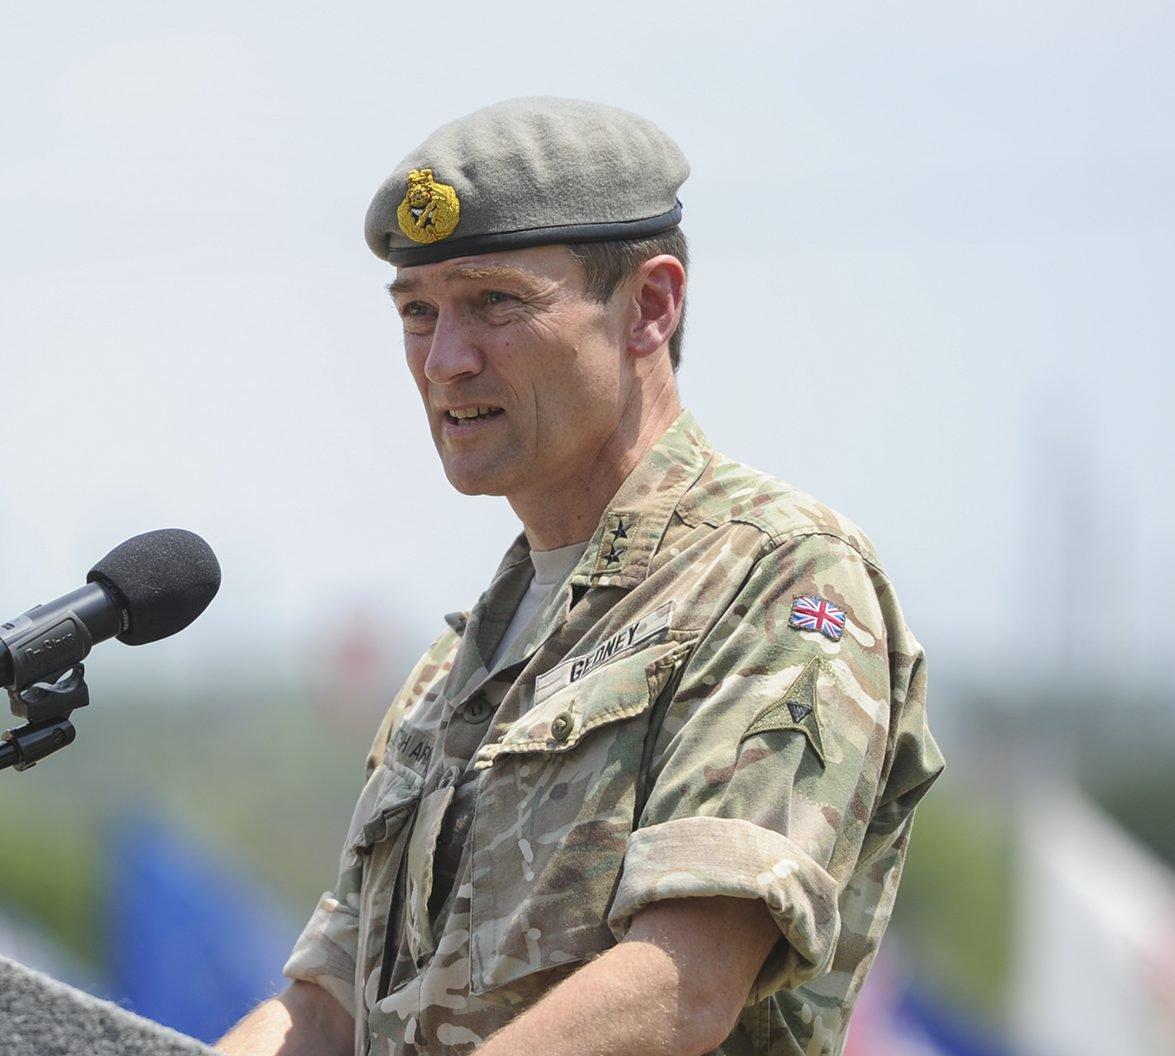 Генералы США и Великобритании предупреждают - Россия выиграла информационную и электронную войну в Сирии